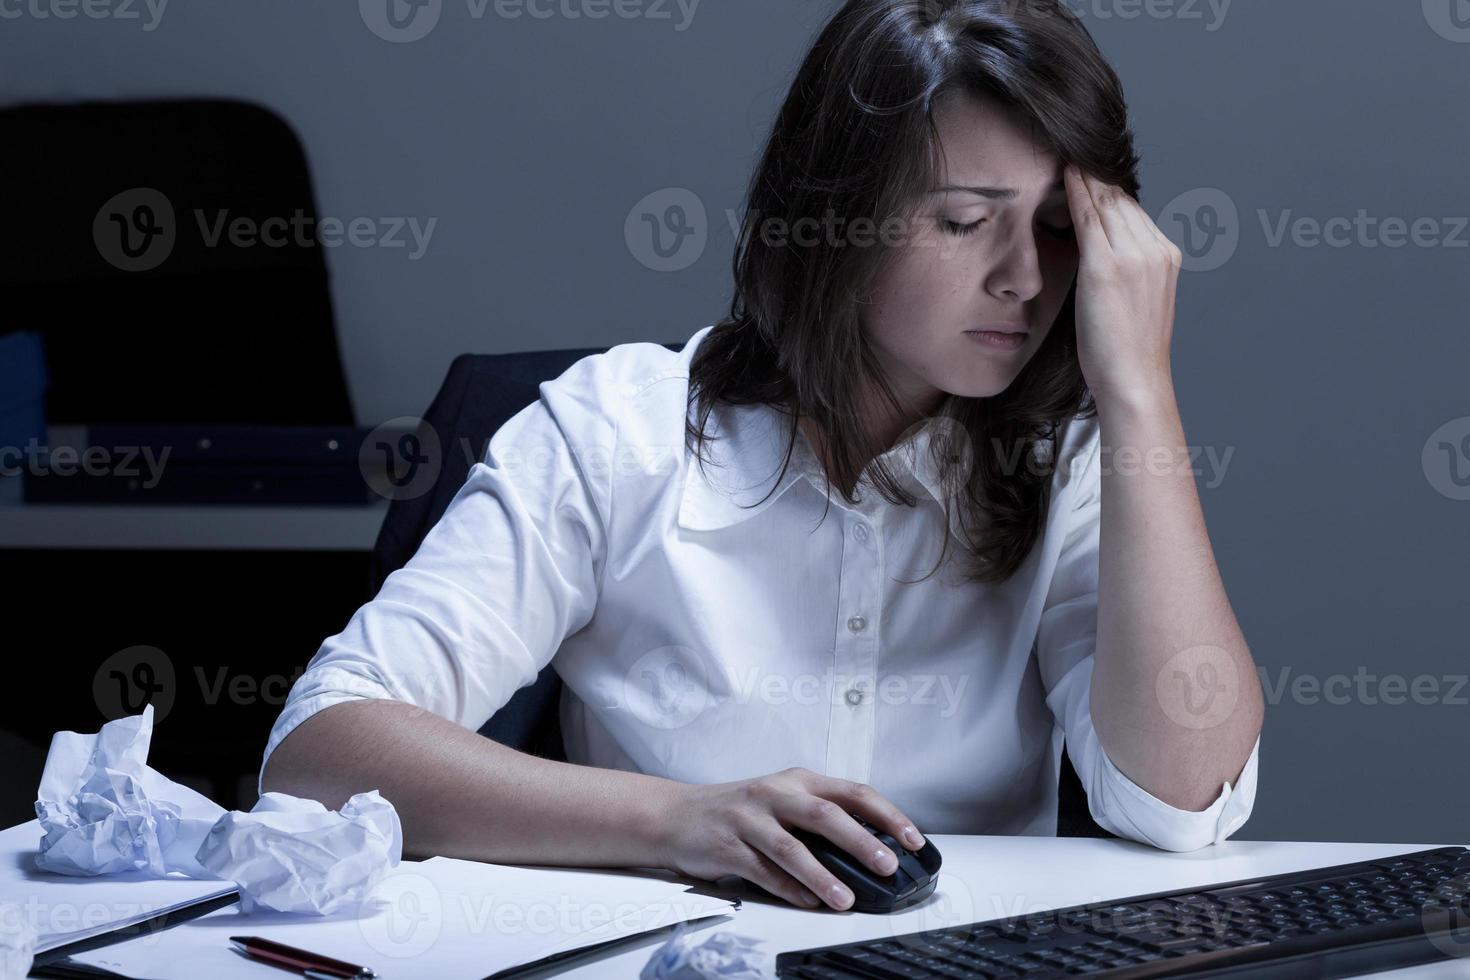 problèmes au travail pendant les heures supplémentaires photo